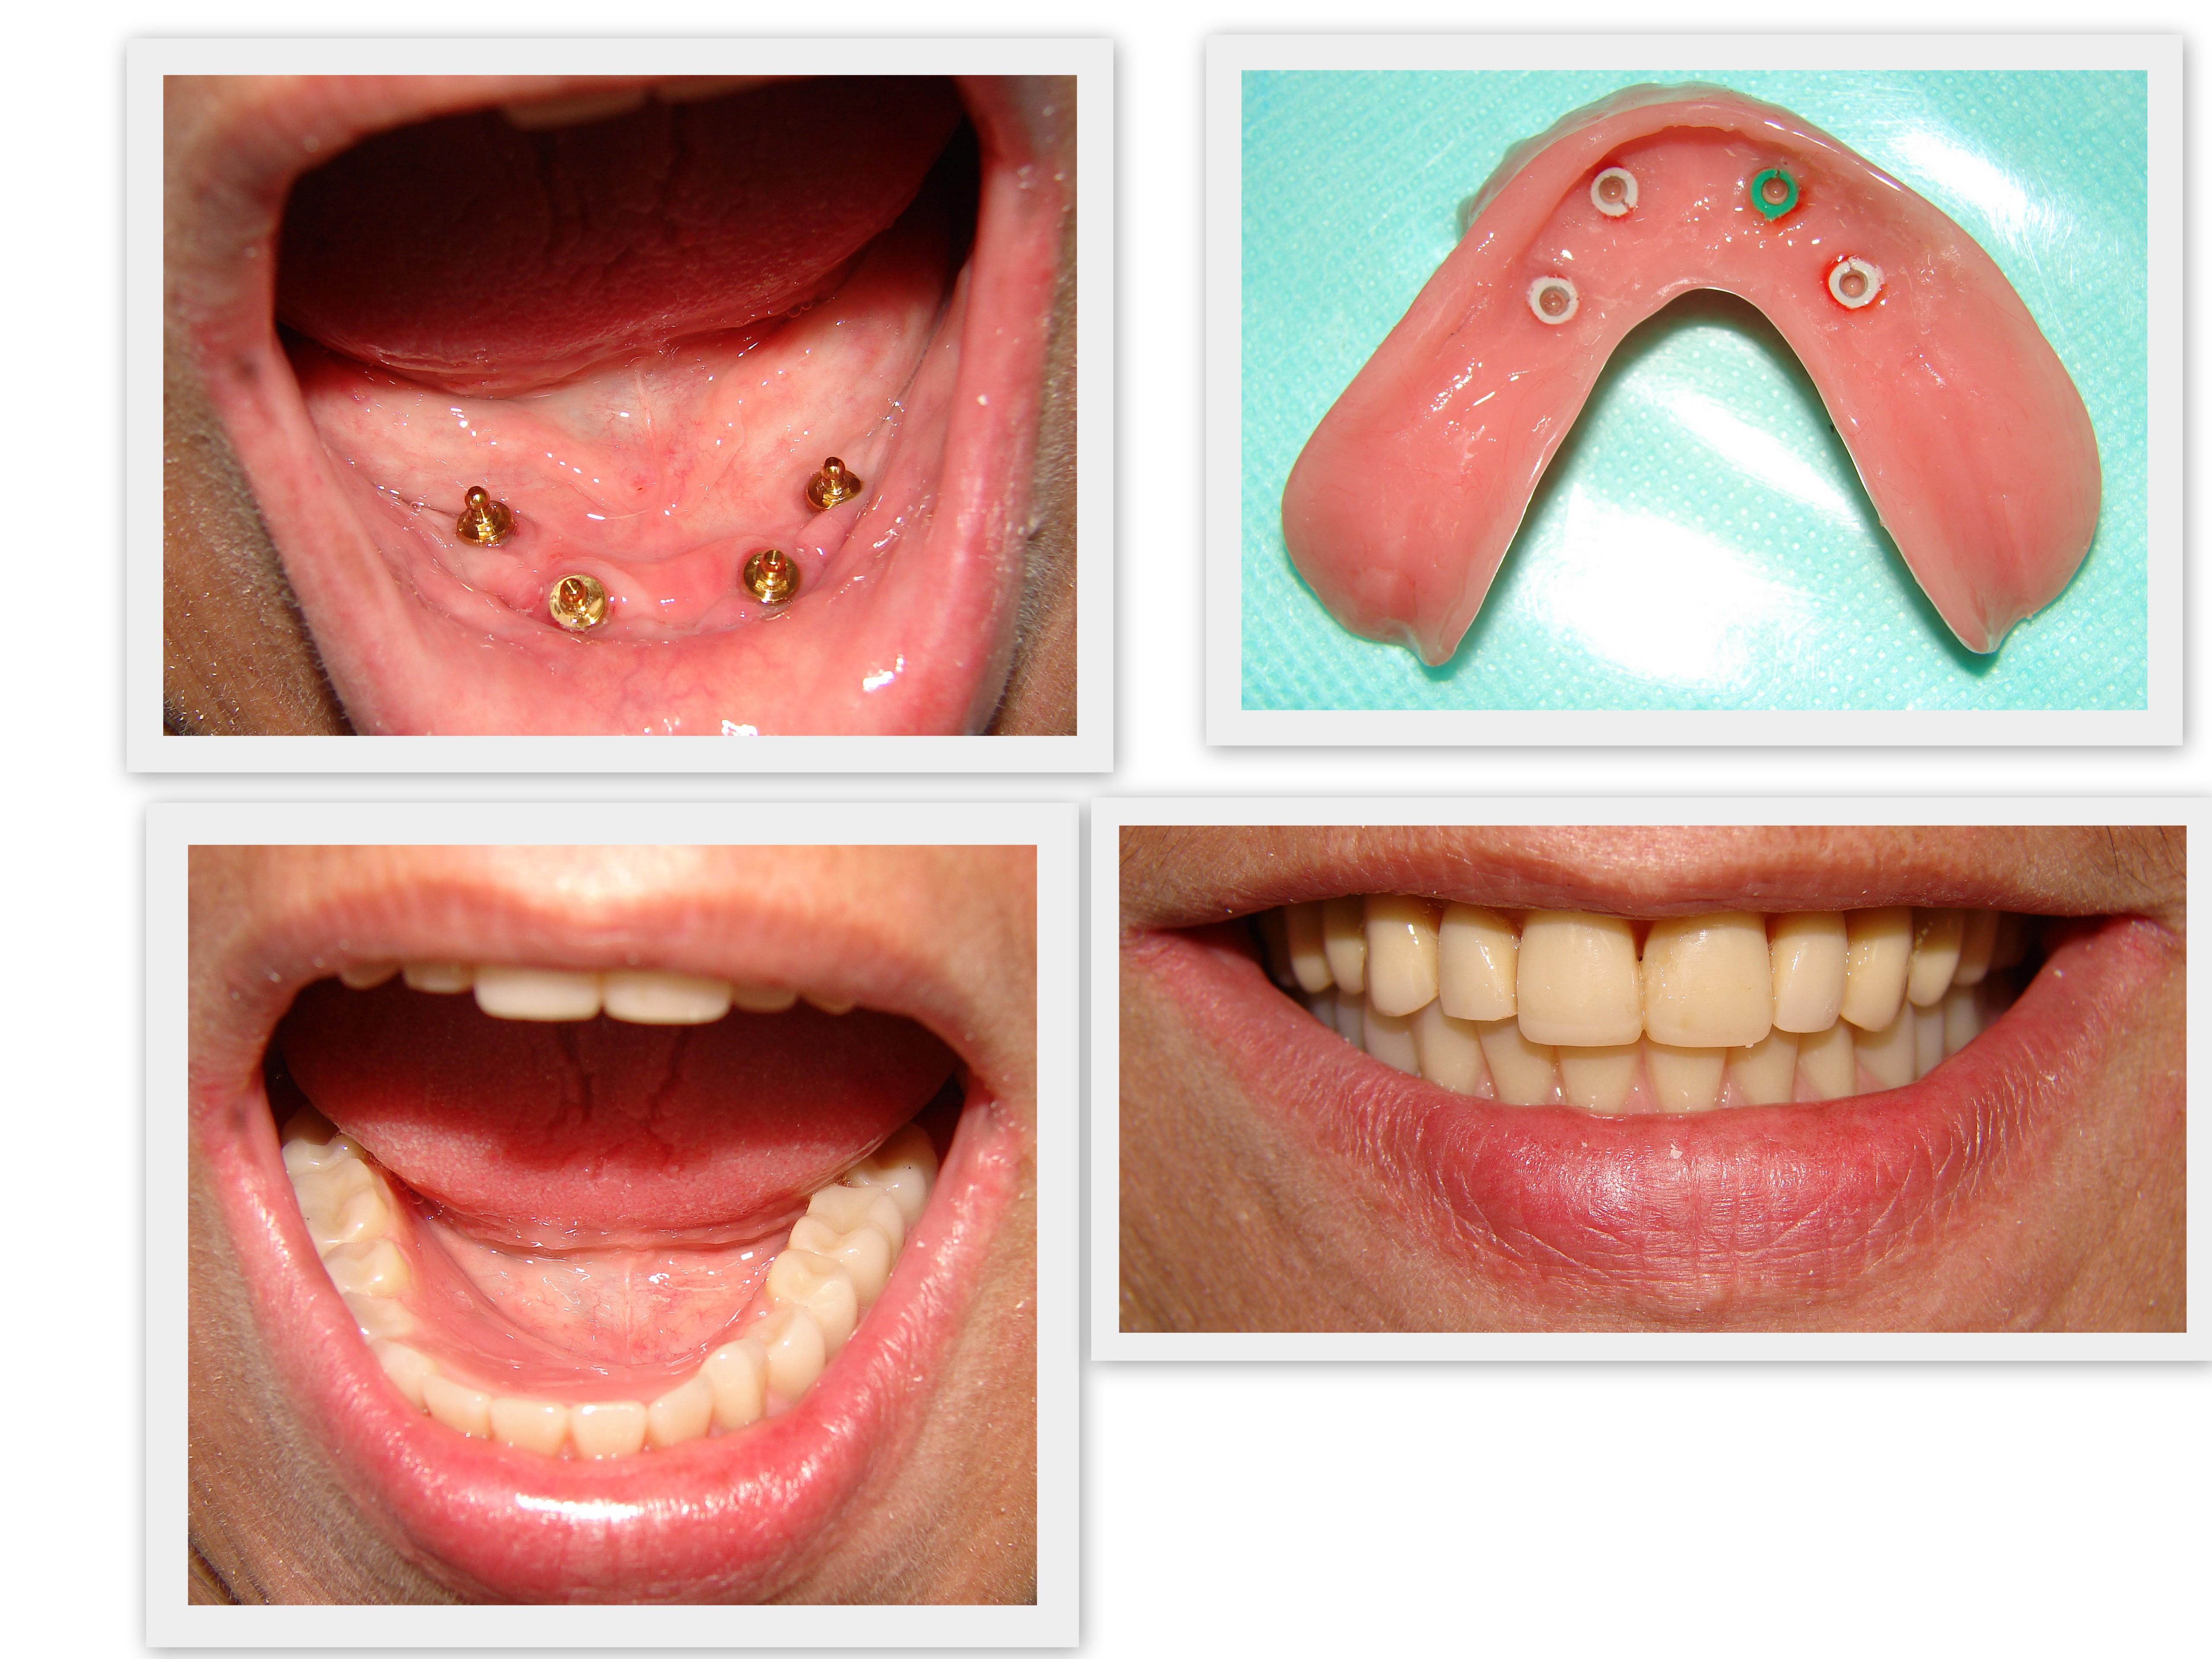 Overdenture sobre implantes